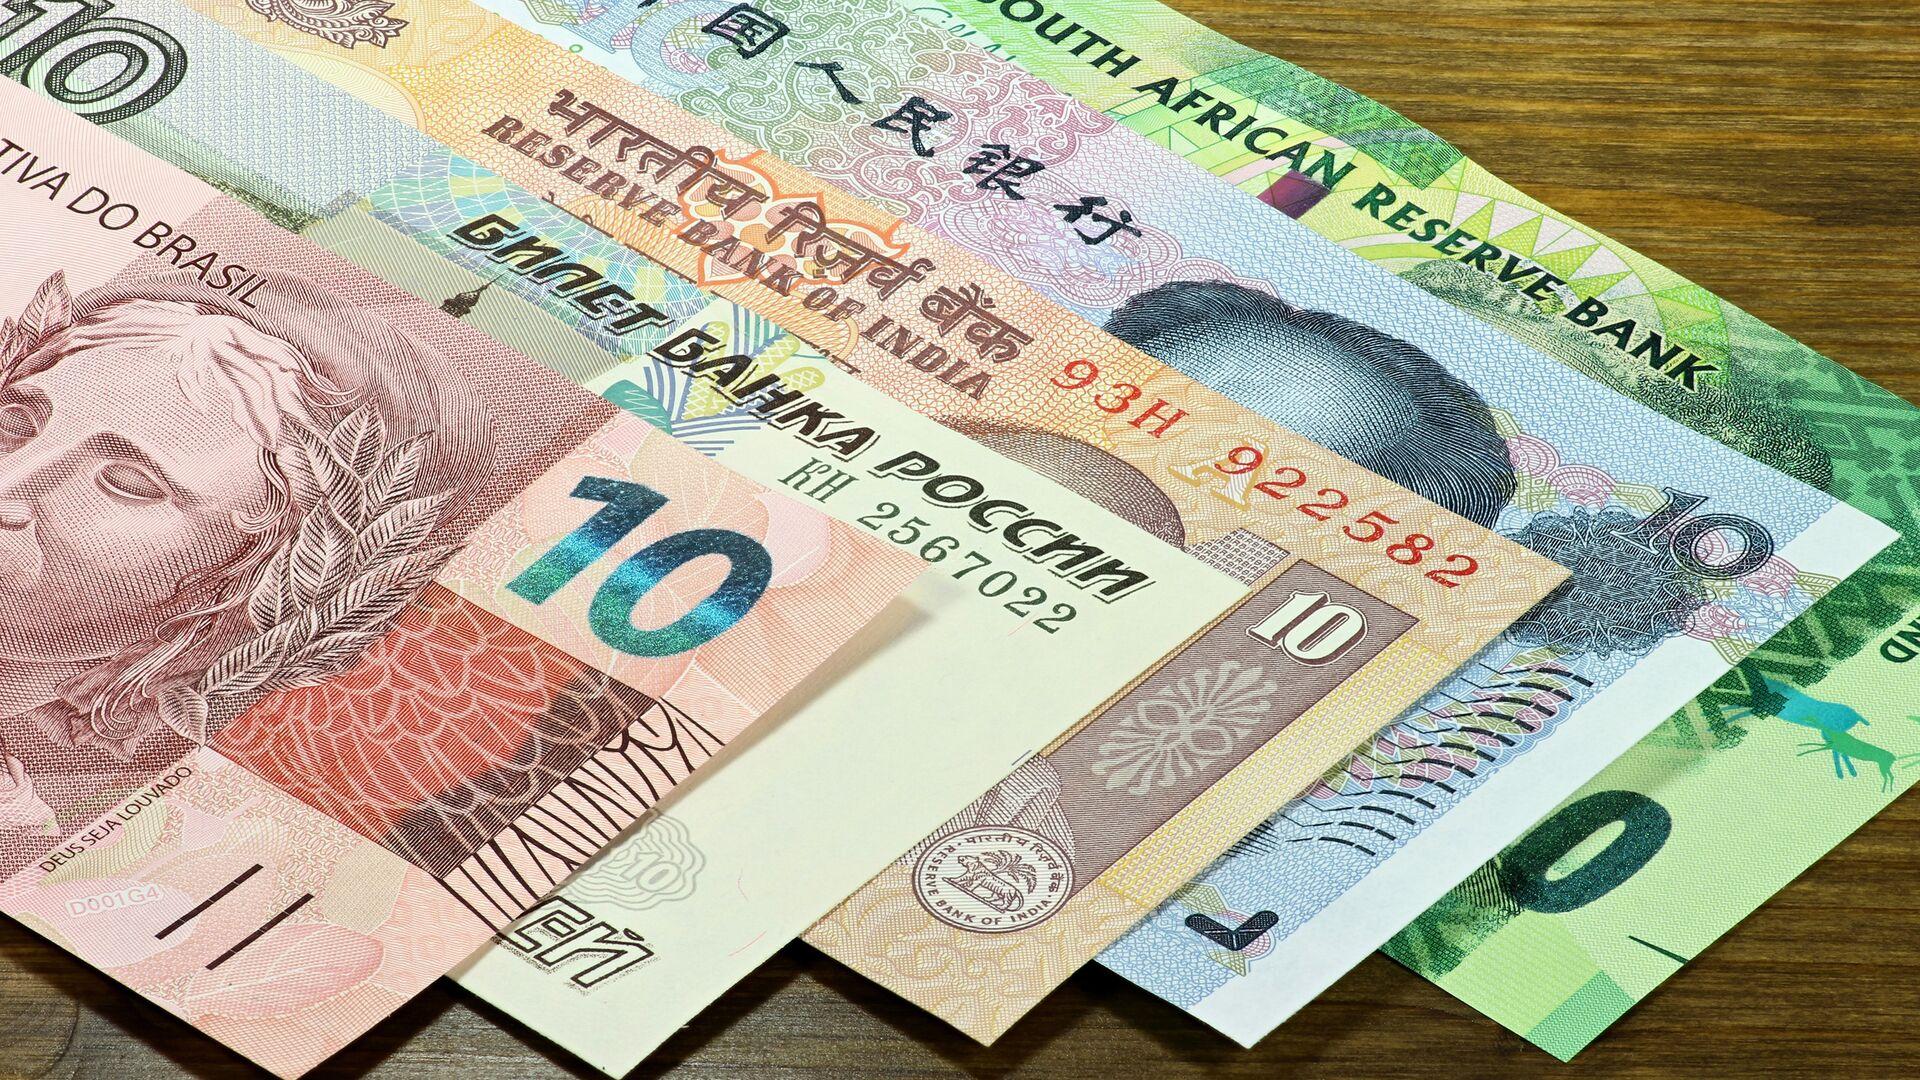 Национальный валюты стран-участниц БРИКС - РИА Новости, 1920, 01.06.2021